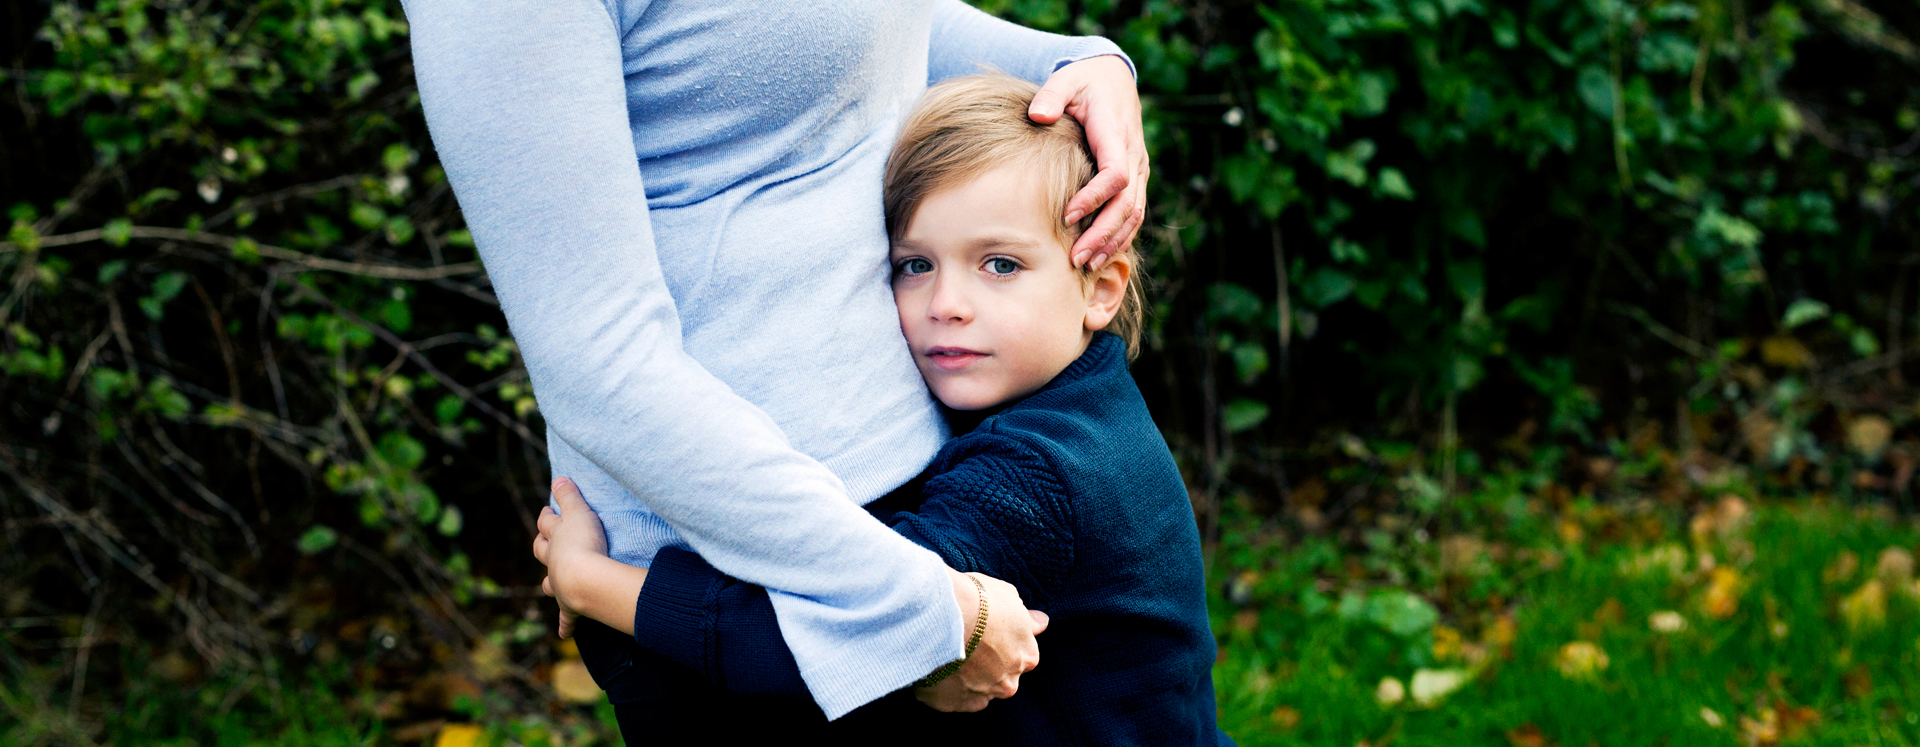 Voldsudsat dreng på krisecenter holder om sin mor i park